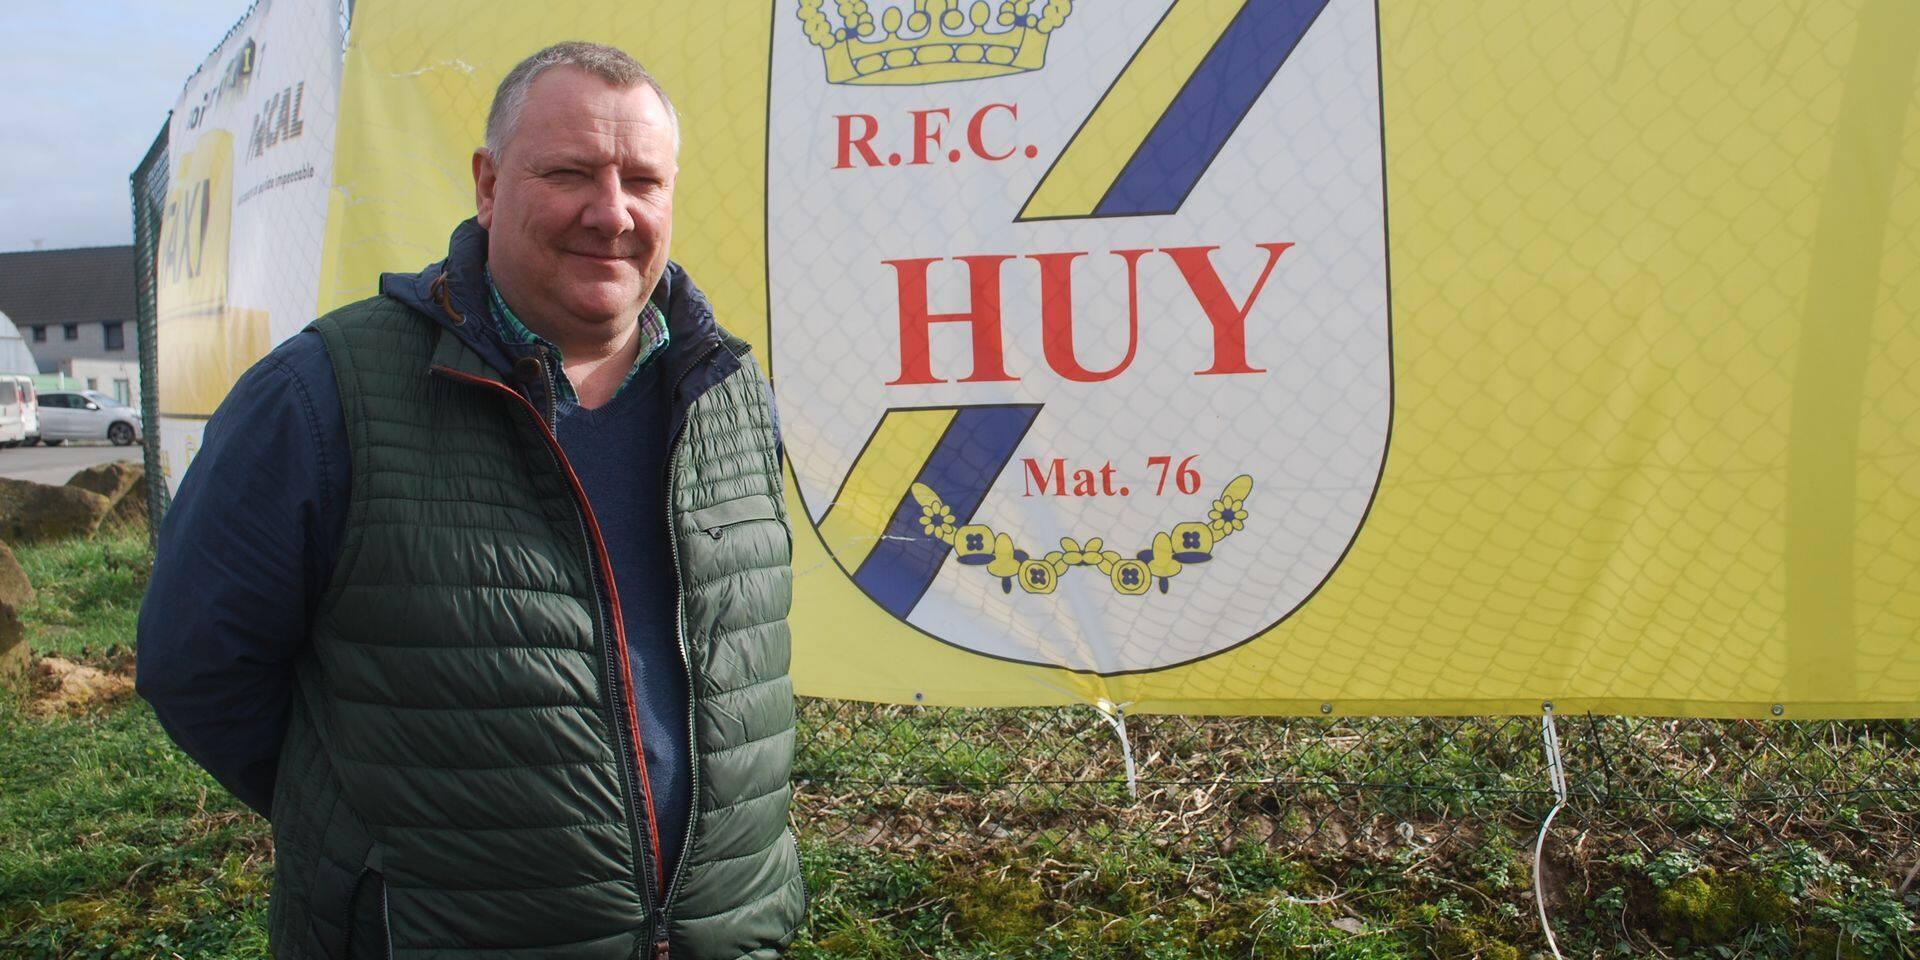 """Christophe Coulée, nouveau président du RFC Huy: """"La priorité sera donnée à la formation des jeunes à Huy"""""""